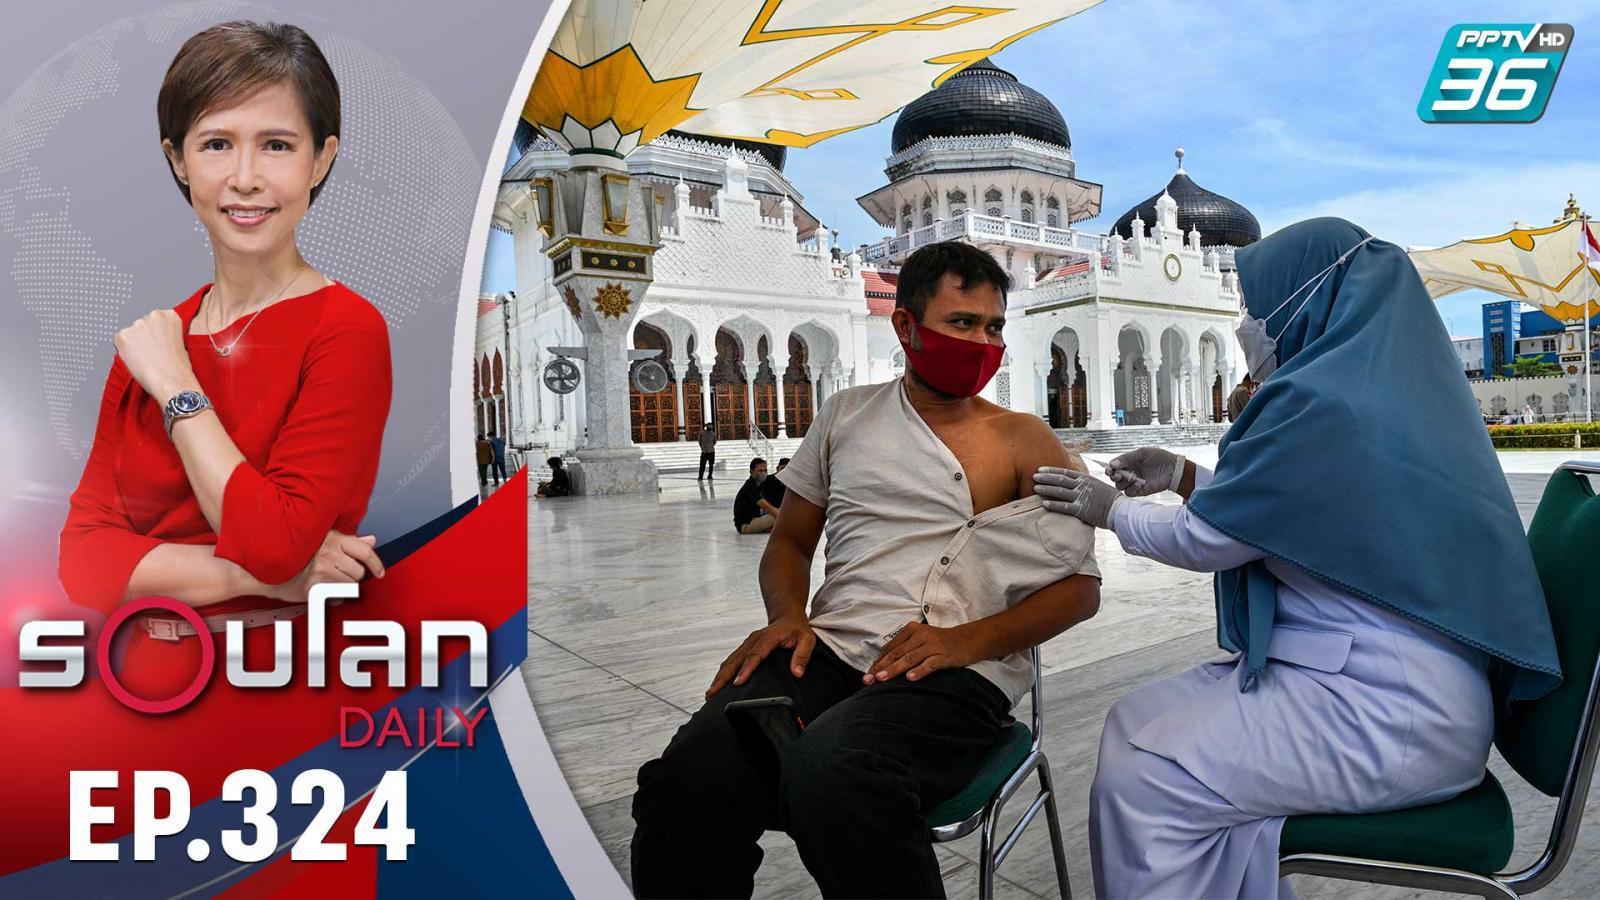 อินโดนีเซียเตรียมเปิดประเทศ พ.ย. นี้ | 17 ก.ย. 64 | รอบโลก DAILY